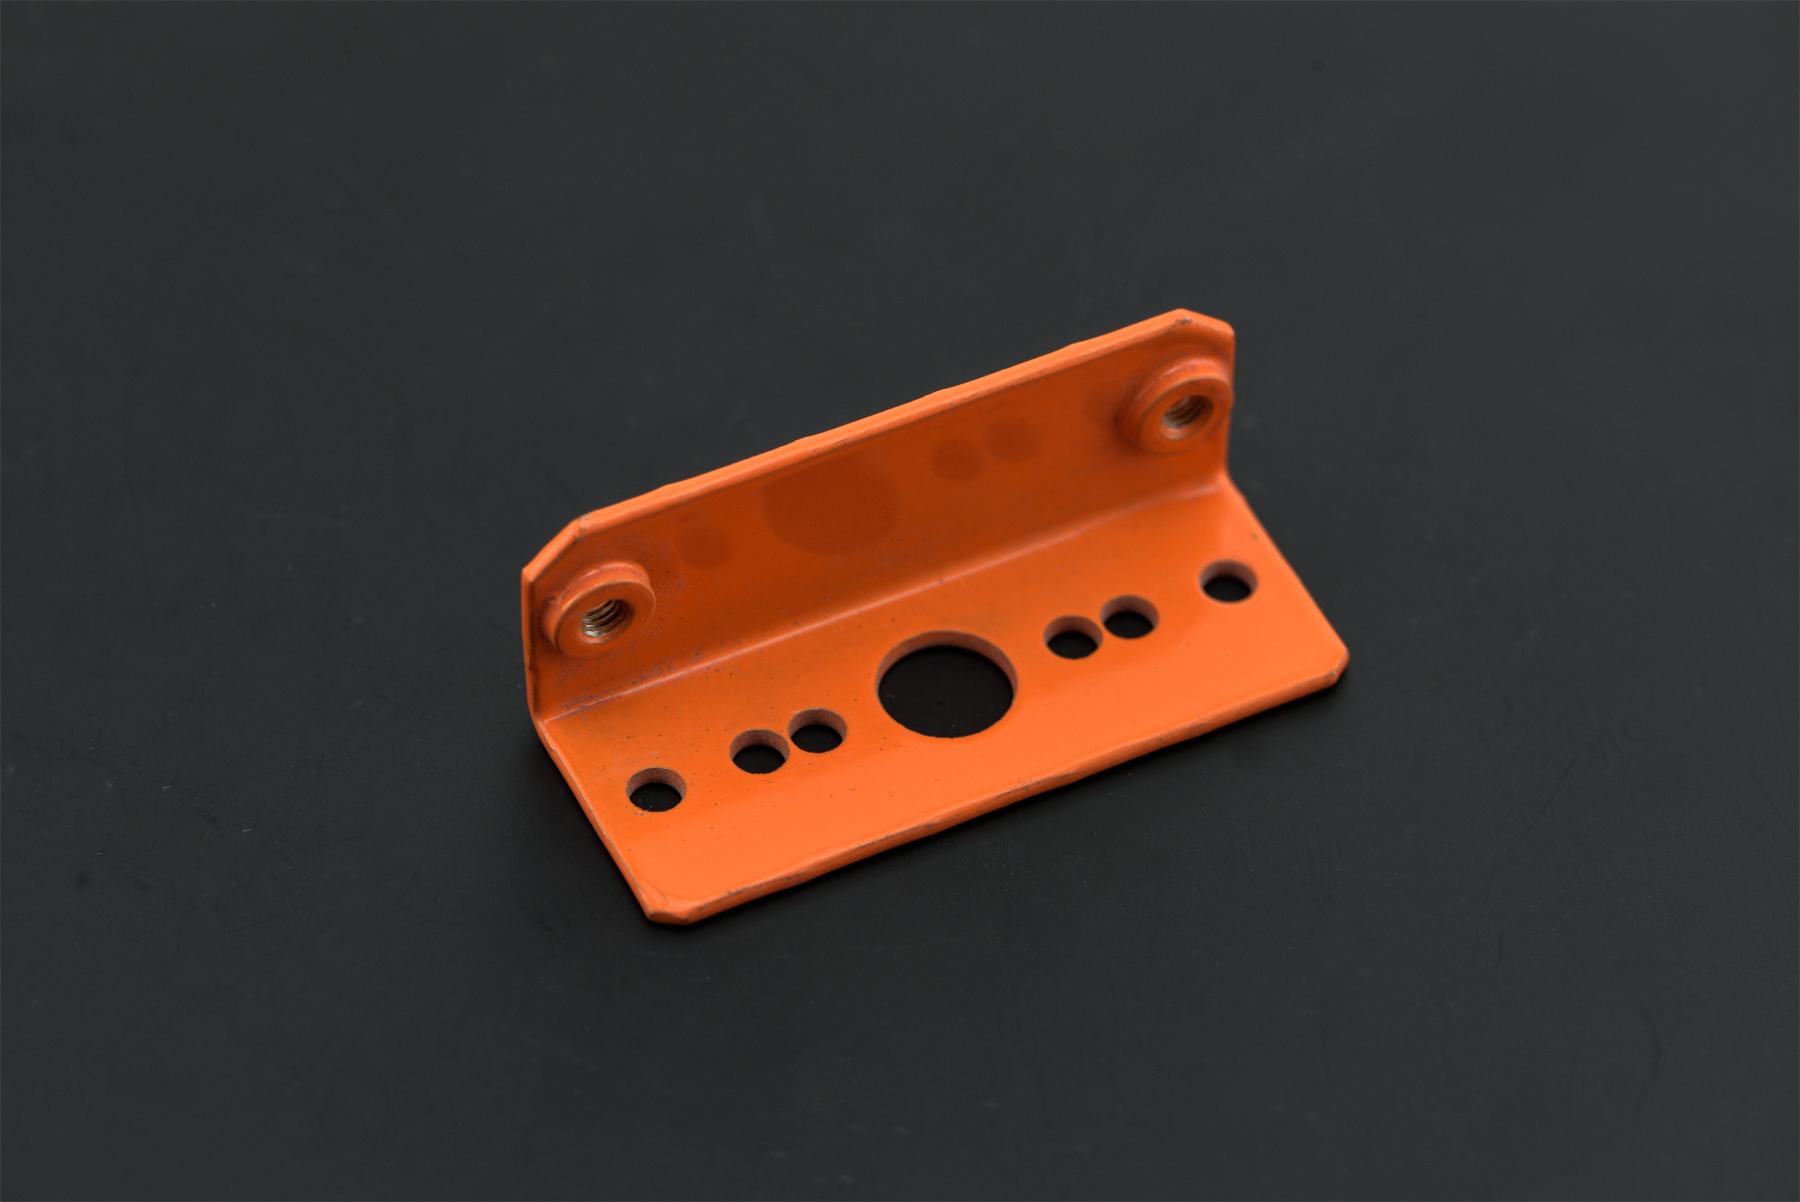 Sharp IR Sensor Mounting Bracket - GP2Y0A21/GP2Y0A02YK (Orange)(Discontinued)